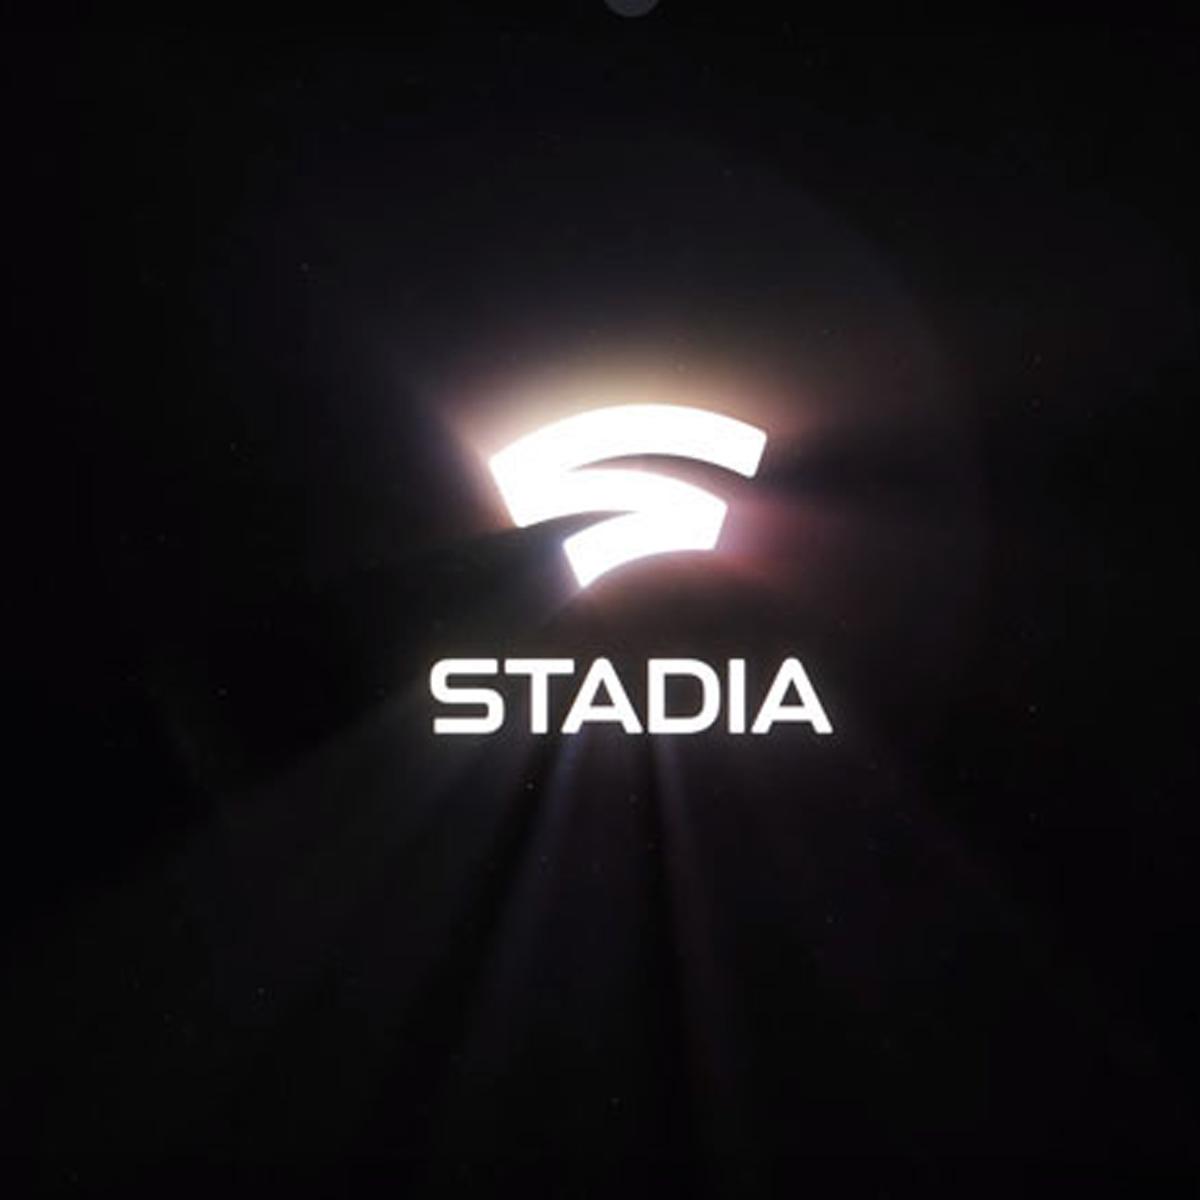 Google渾身の「STADIA」は何がスゴいのか? わかりやすく解説